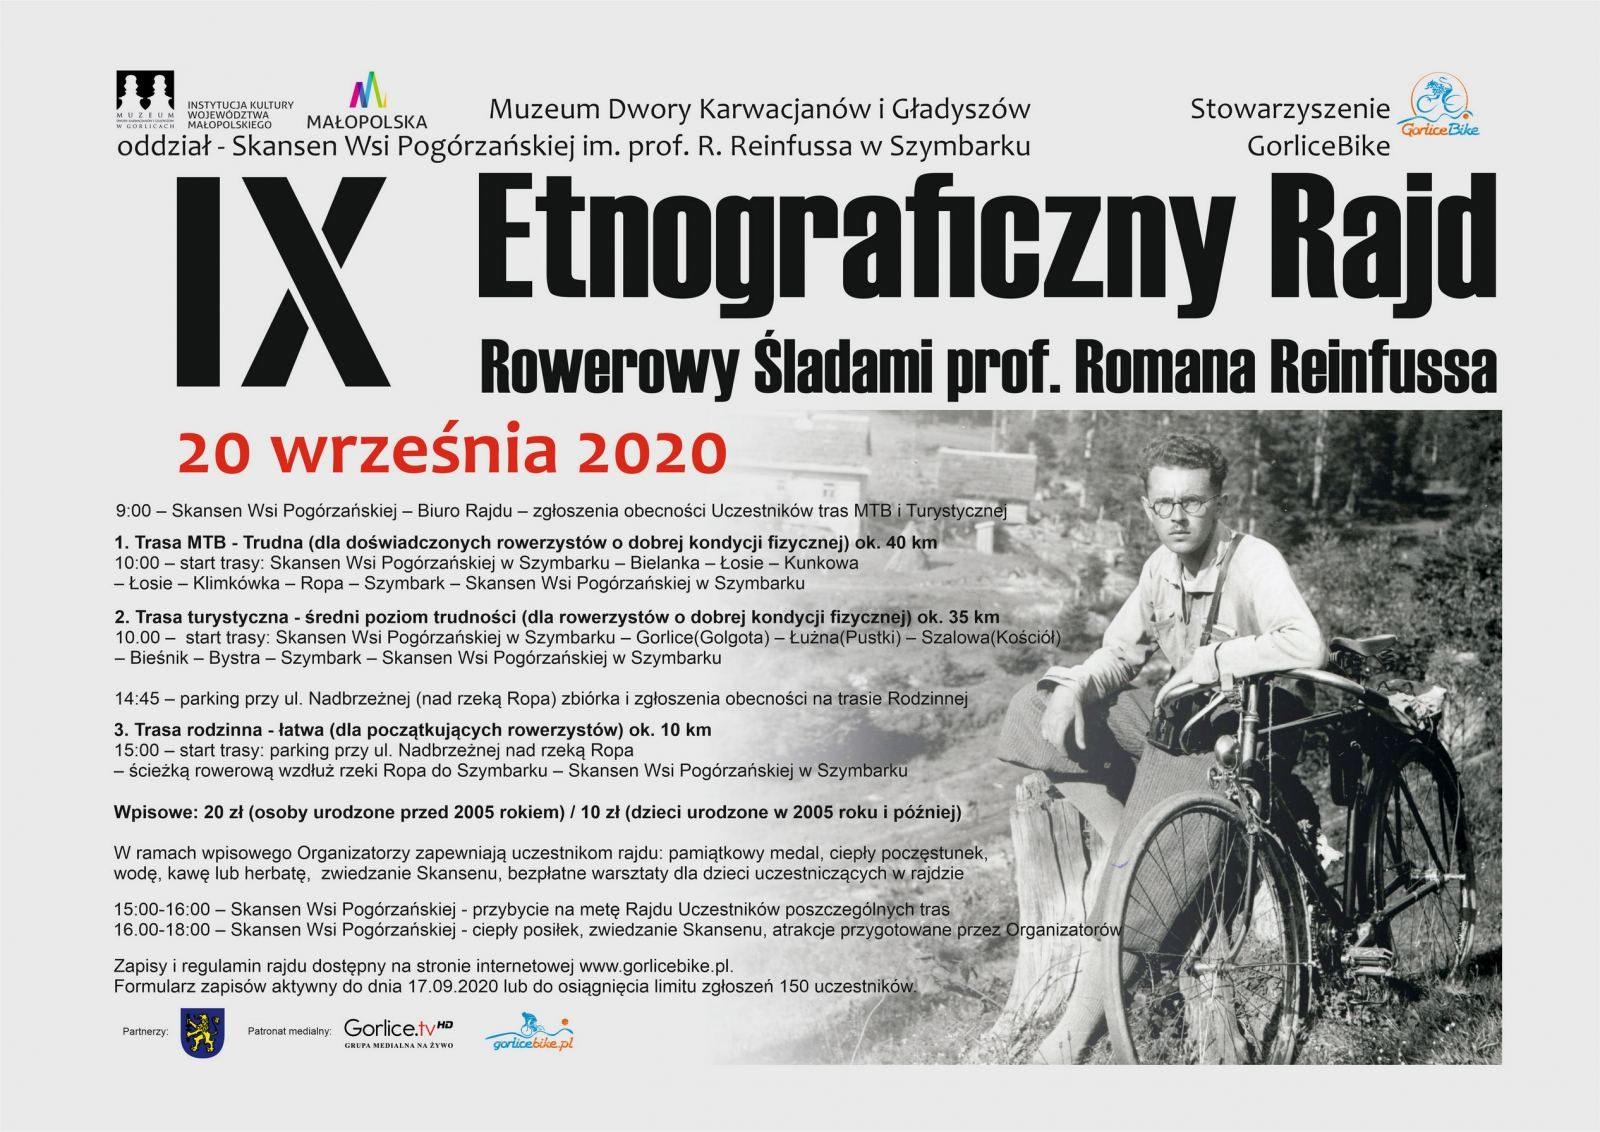 plakat wydarzenia IX Etnograficzny Rajd Rowerowy Śladami prof. Romana Reinfussa